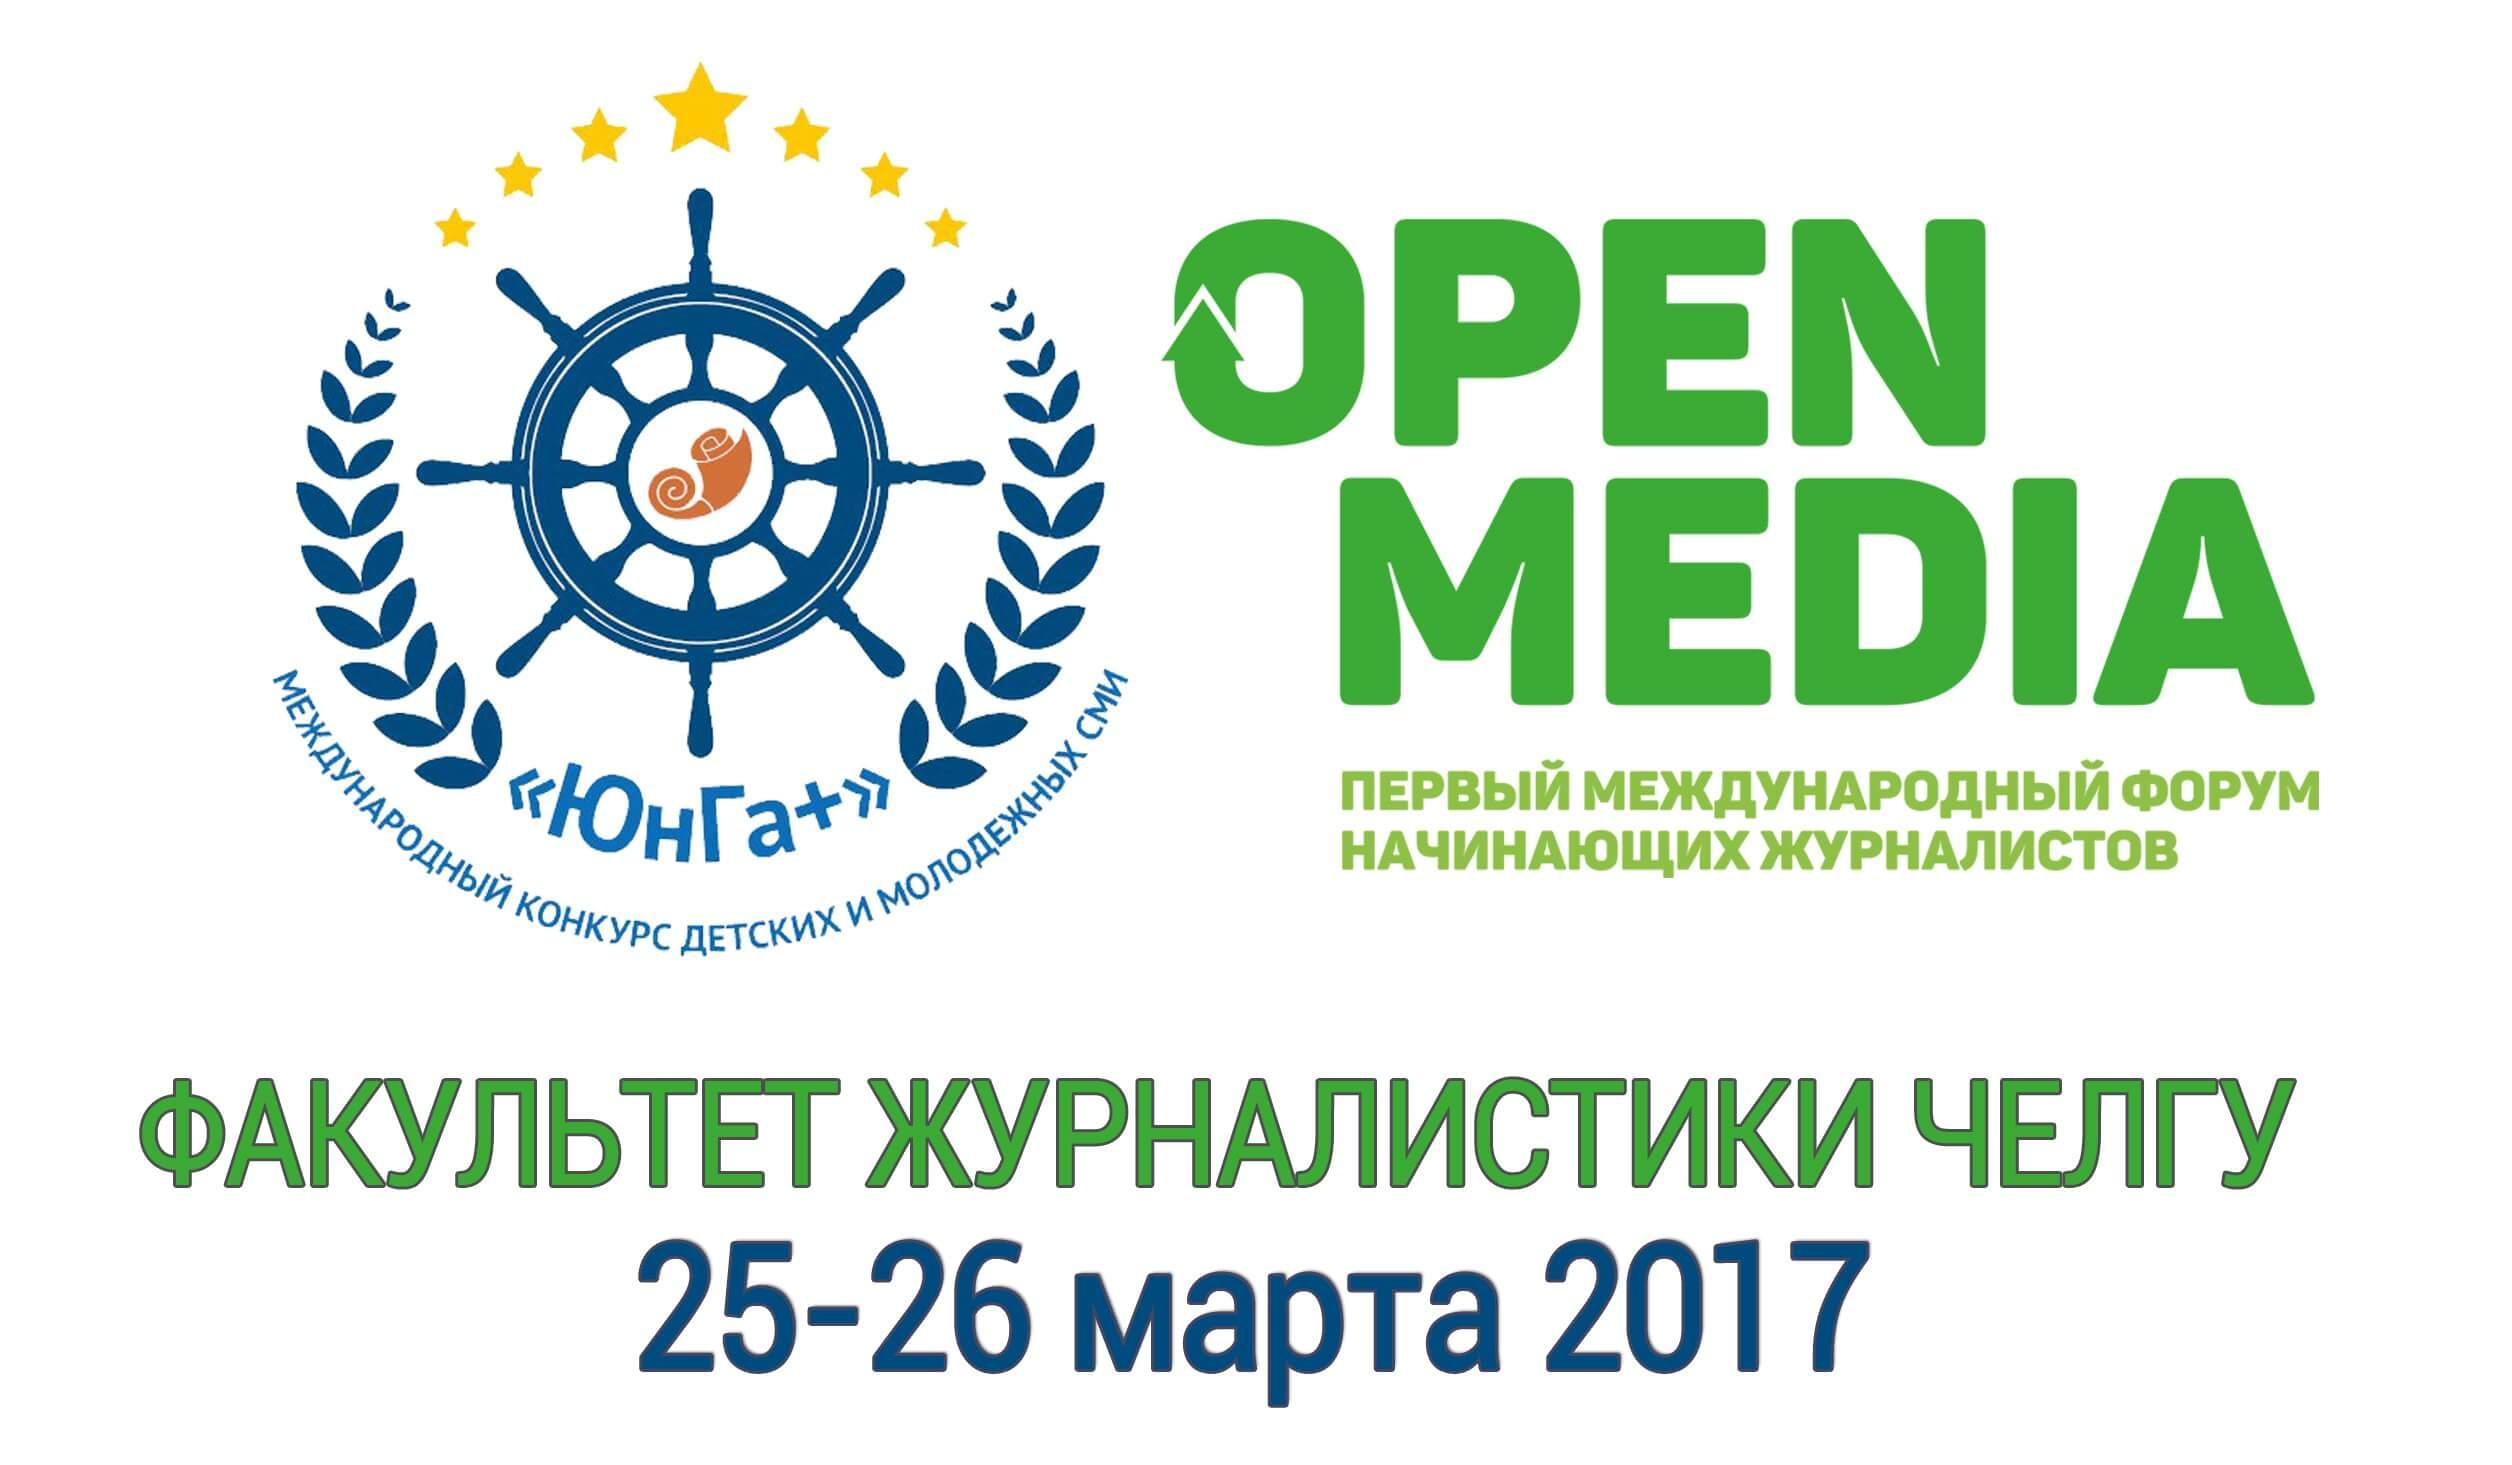 Конкурс для начинающих журналистов проводится в Челябинске